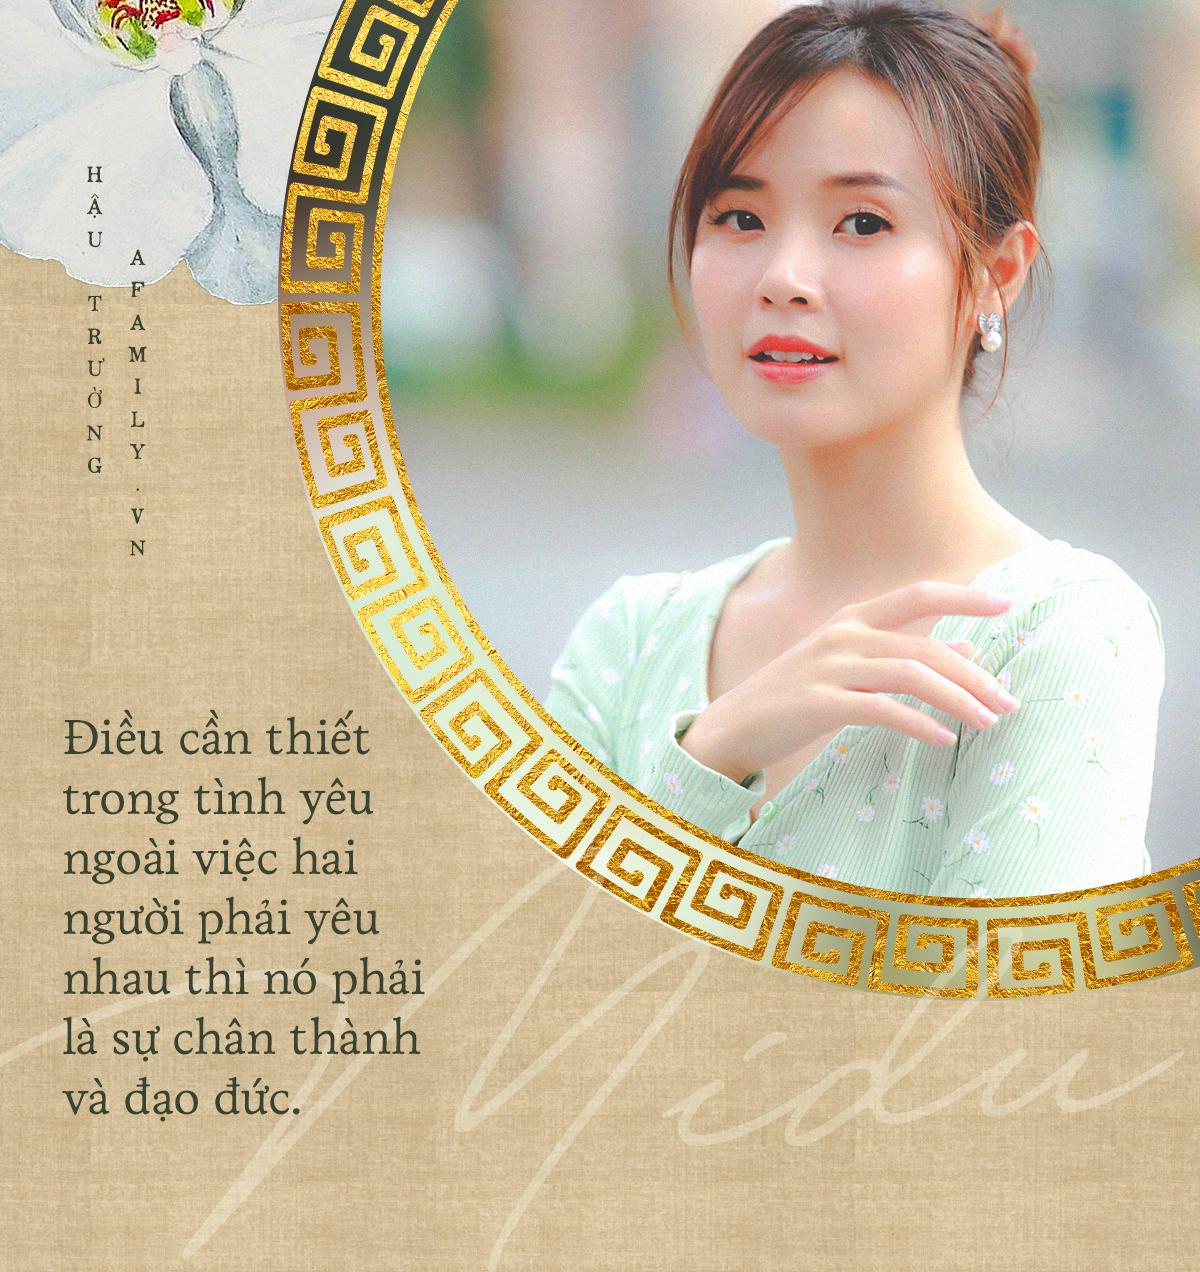 """30 Tết gặp gỡ cô nàng Midu hỏi chuyện """"bao giờ cưới chồng"""": Nếu không tìm được người """"vừa đủ"""" thì sống 1 mình cho khỏe - Ảnh 4."""